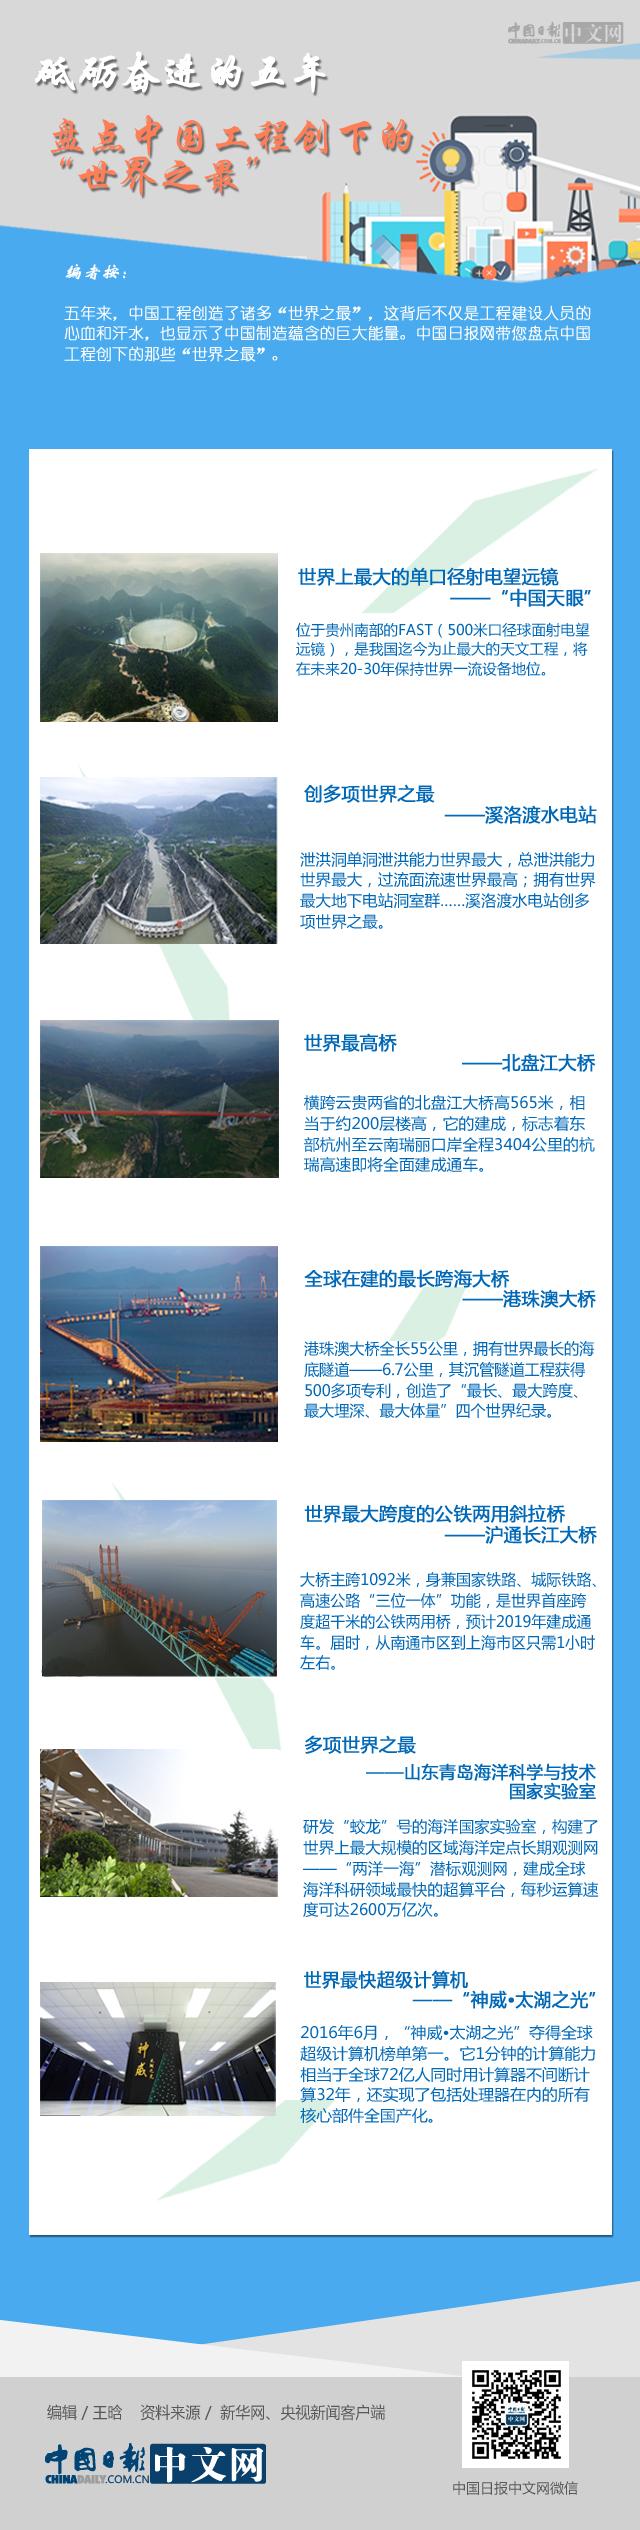 """砥砺奋进的五年:盘点中国工程创下的""""世界之最"""""""